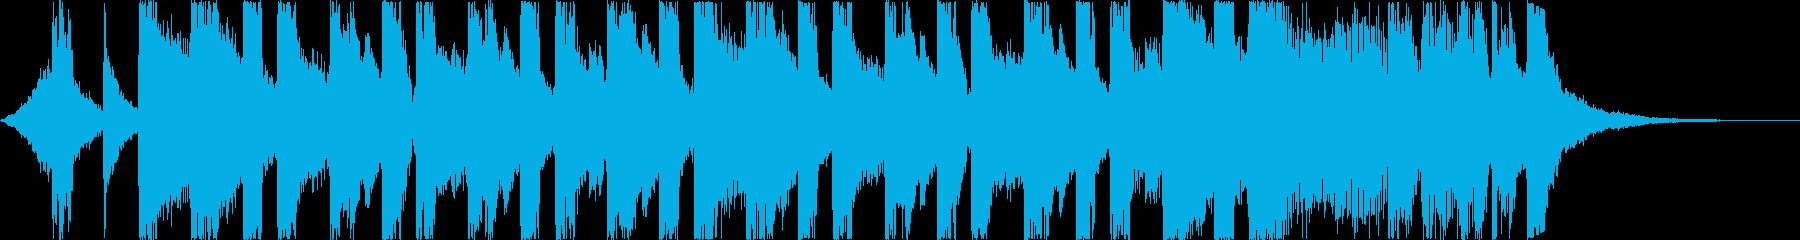 おしゃれ洋楽トラップヒップホップレゲエdの再生済みの波形